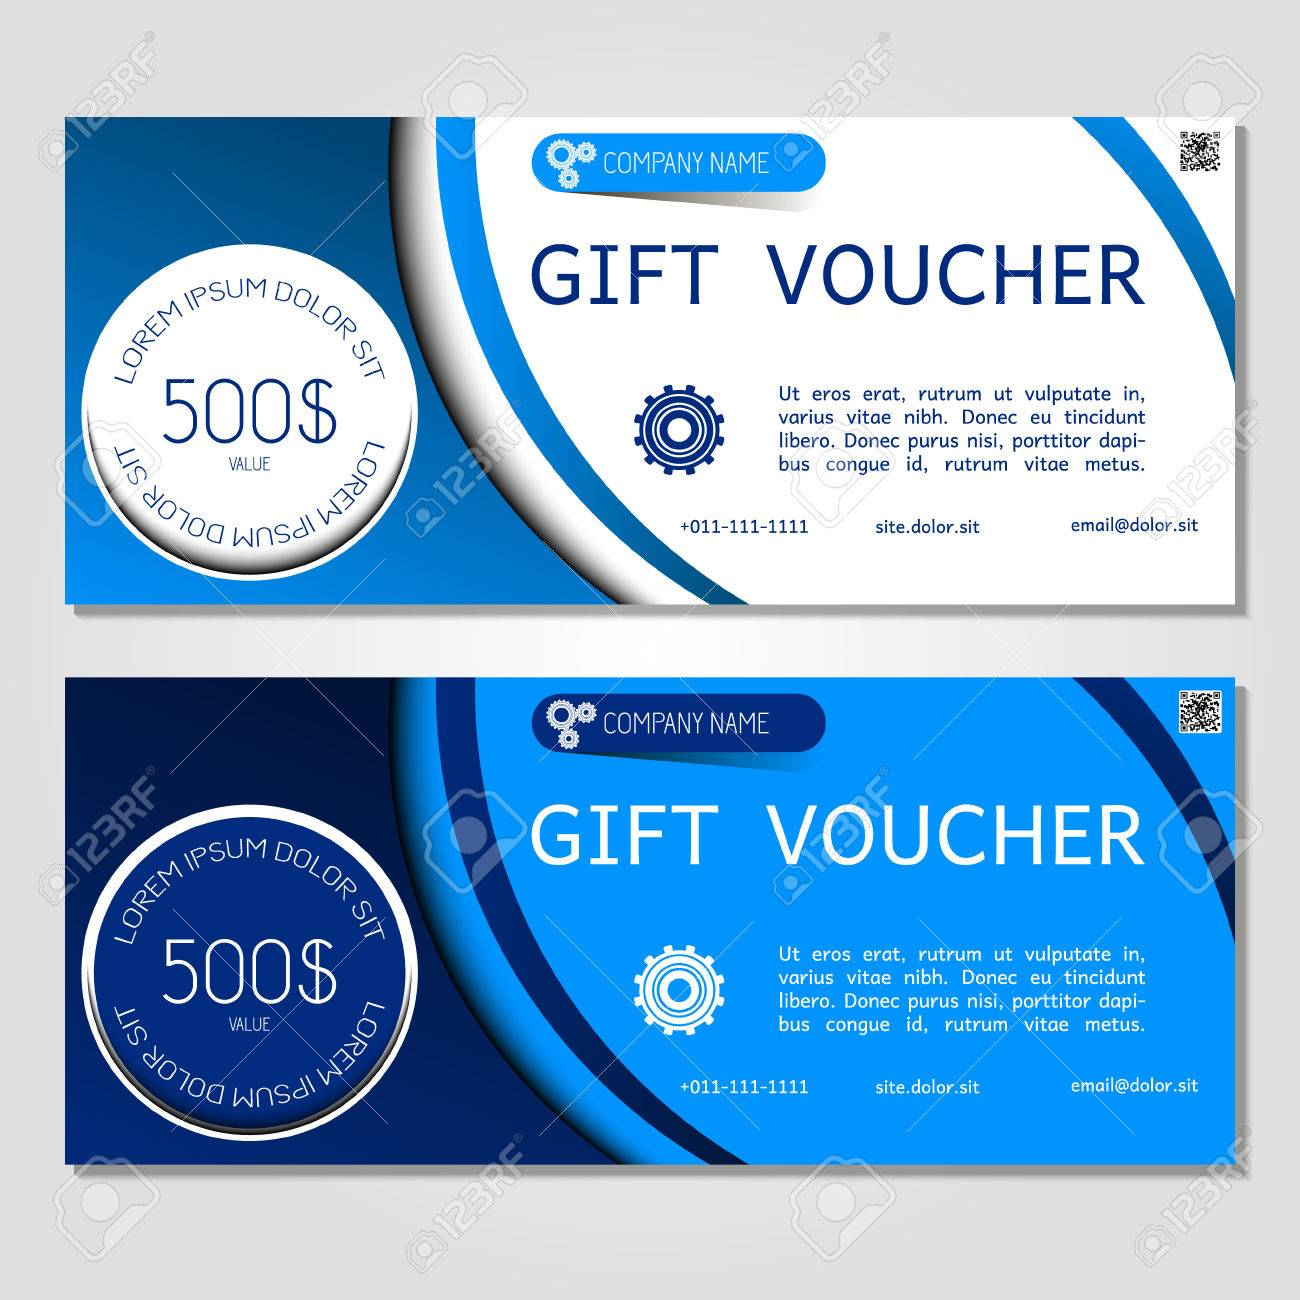 Carte Cadeau Entreprise.Bon Cadeau Illustration Vectorielle Modele De Coupon Pour L